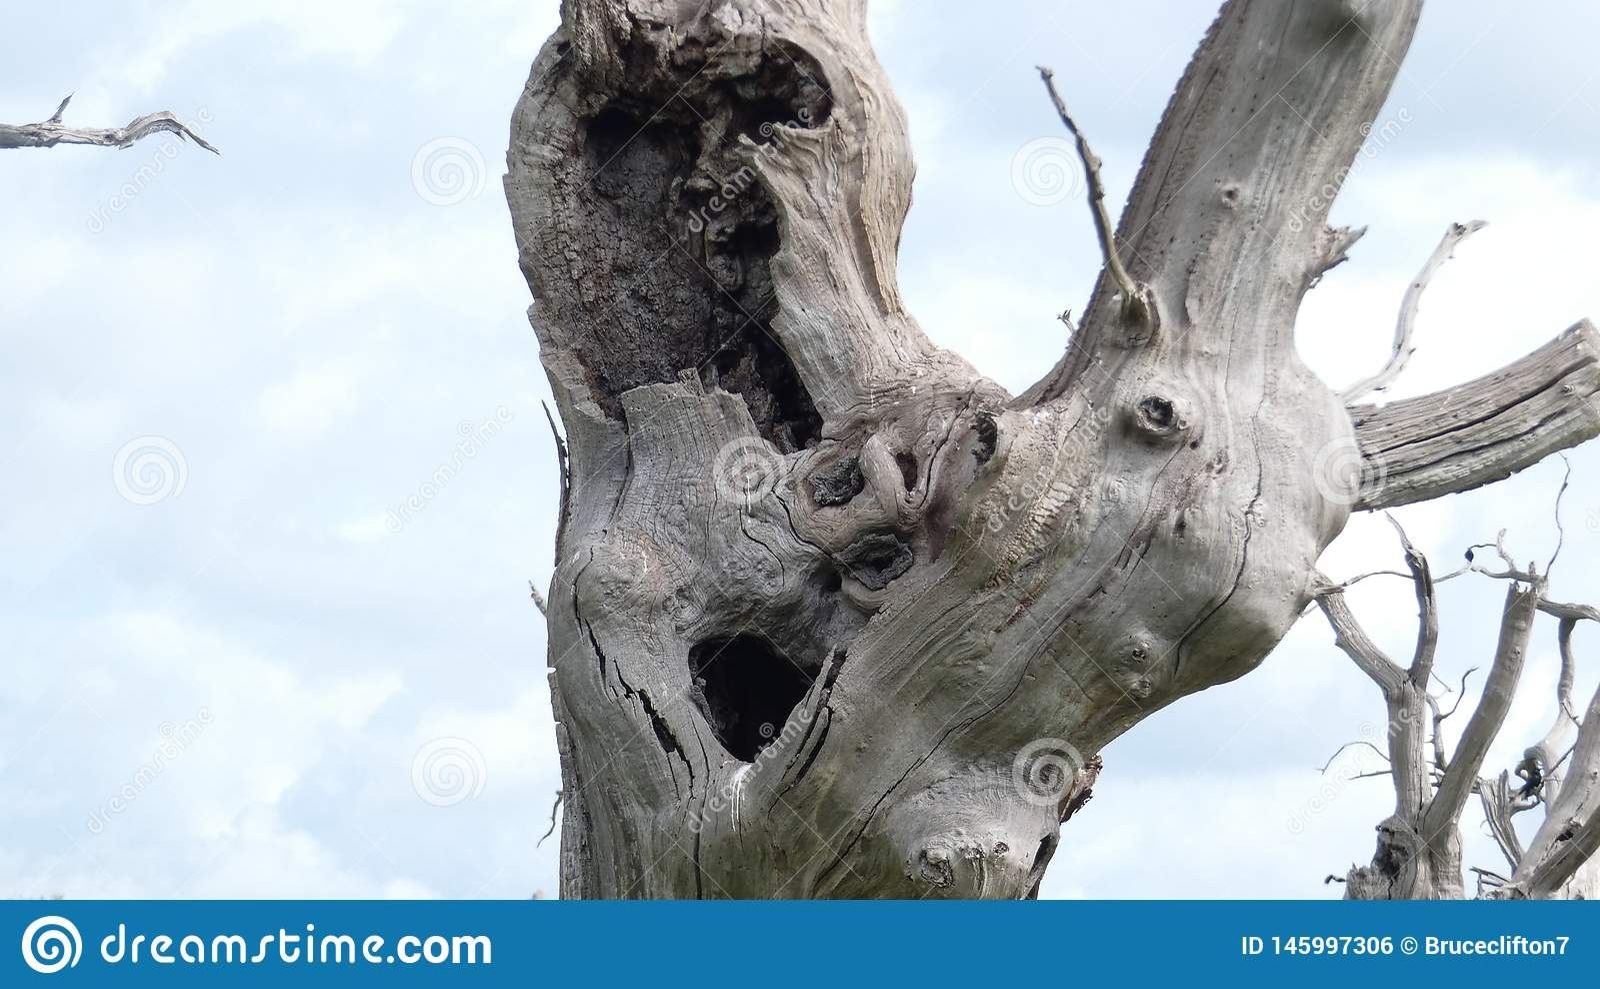 享受天的橡树树精古老化石森林庆祝2000年13